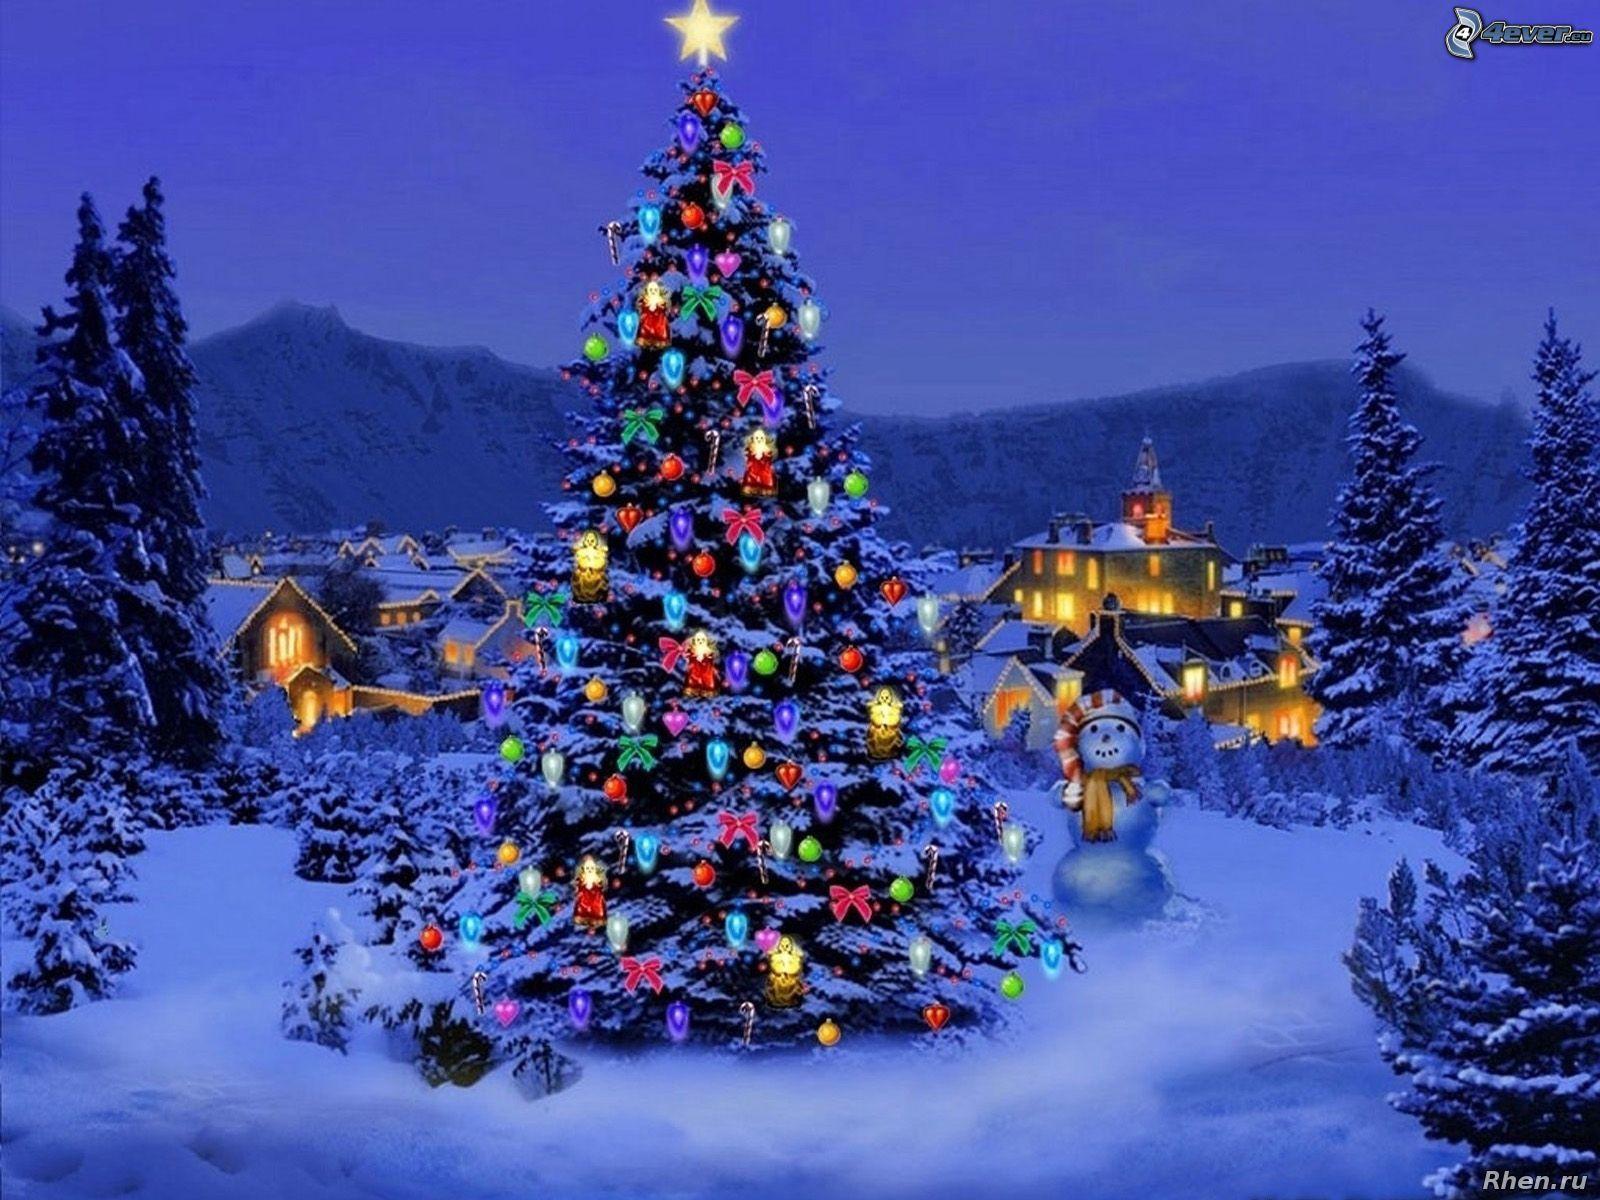 древности красивые картинки елок новогодних алиот